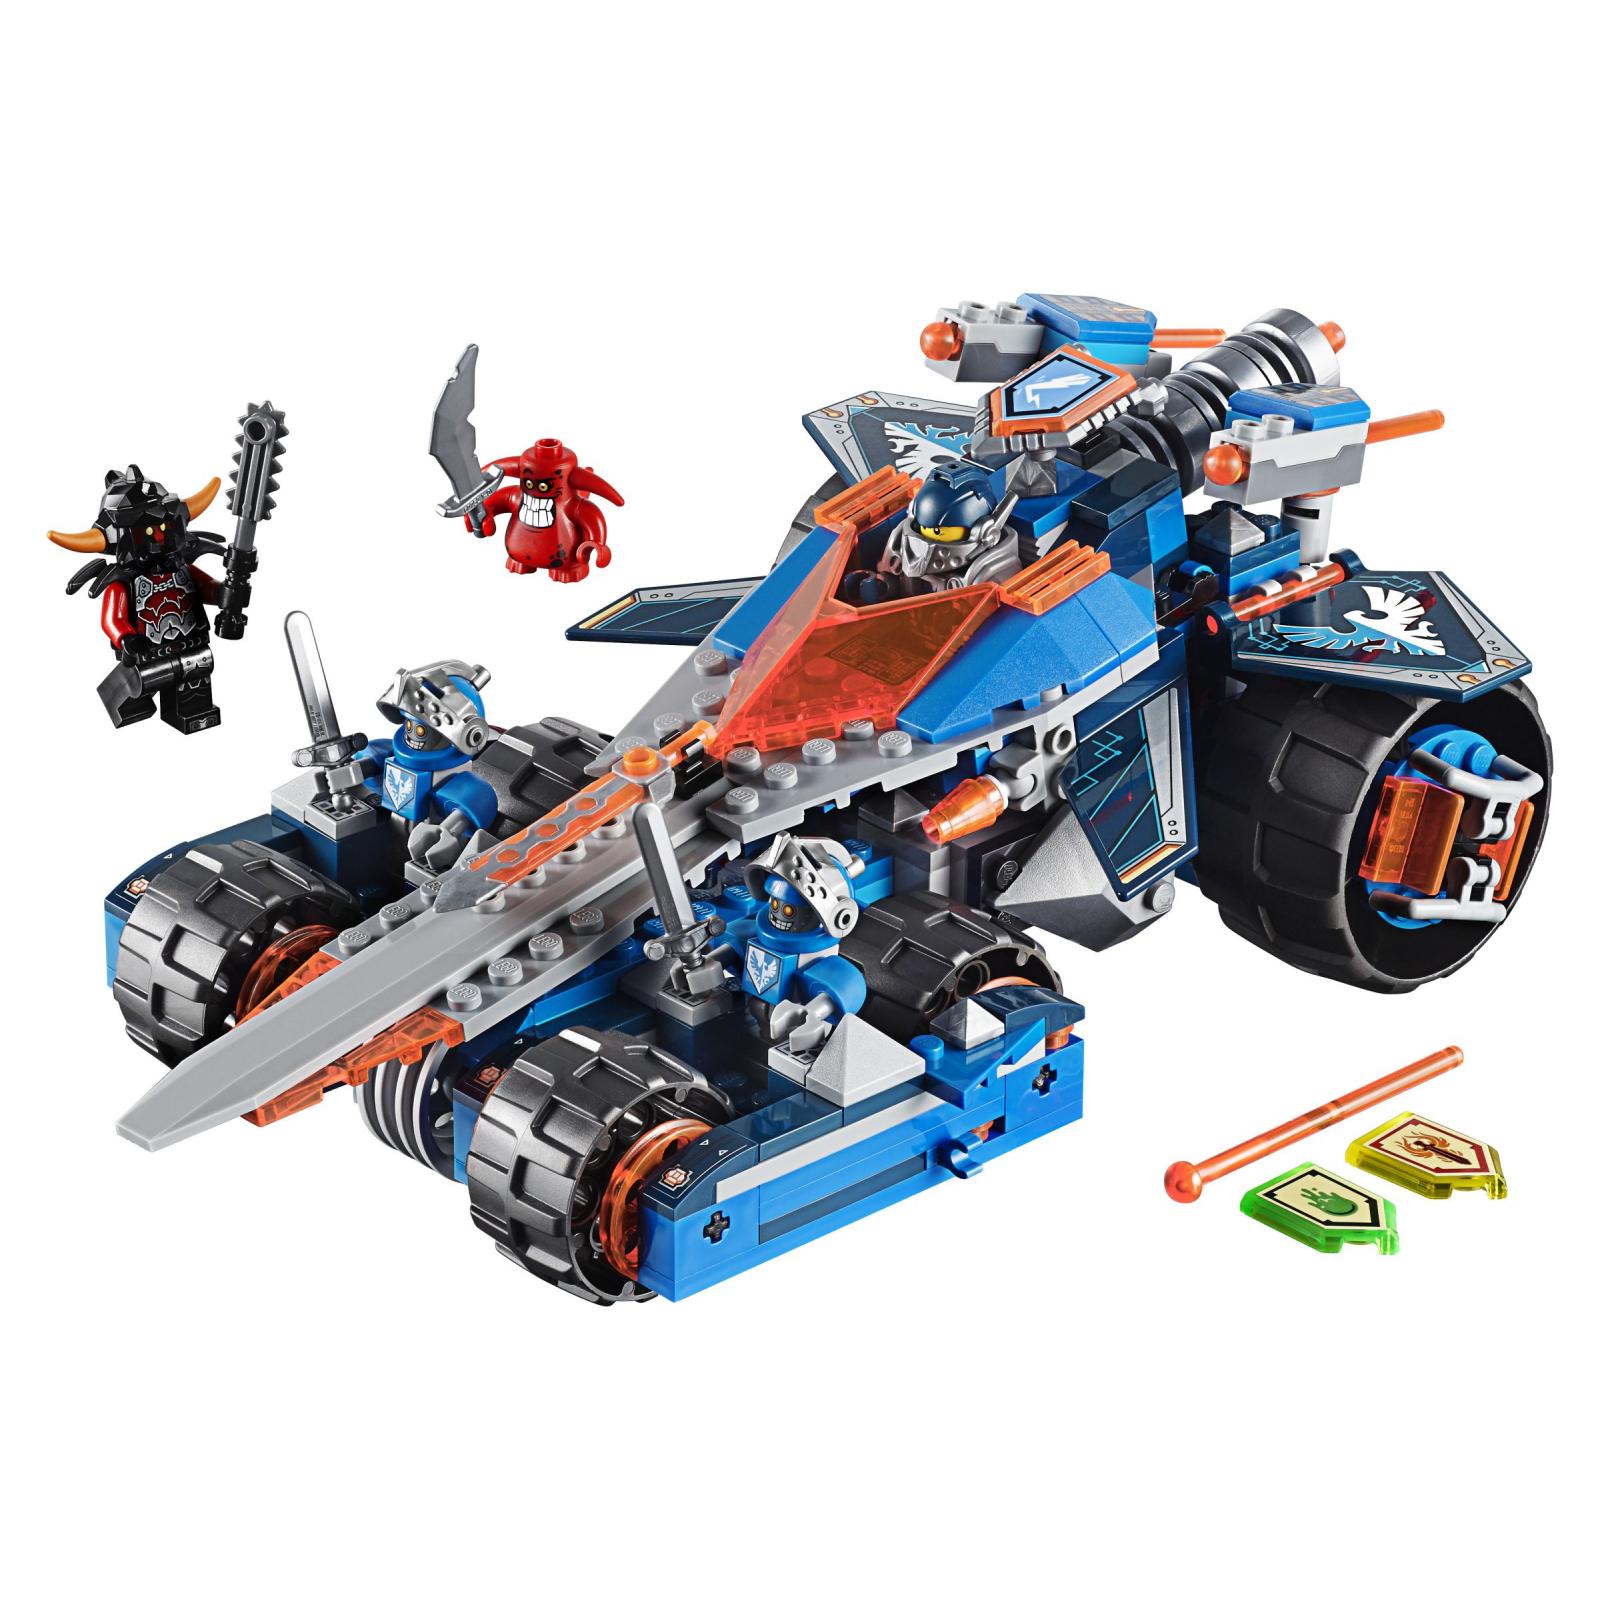 Конструктор LEGO Nexo Knights Устрашающий разрушитель Клэя (70315) изображение 2